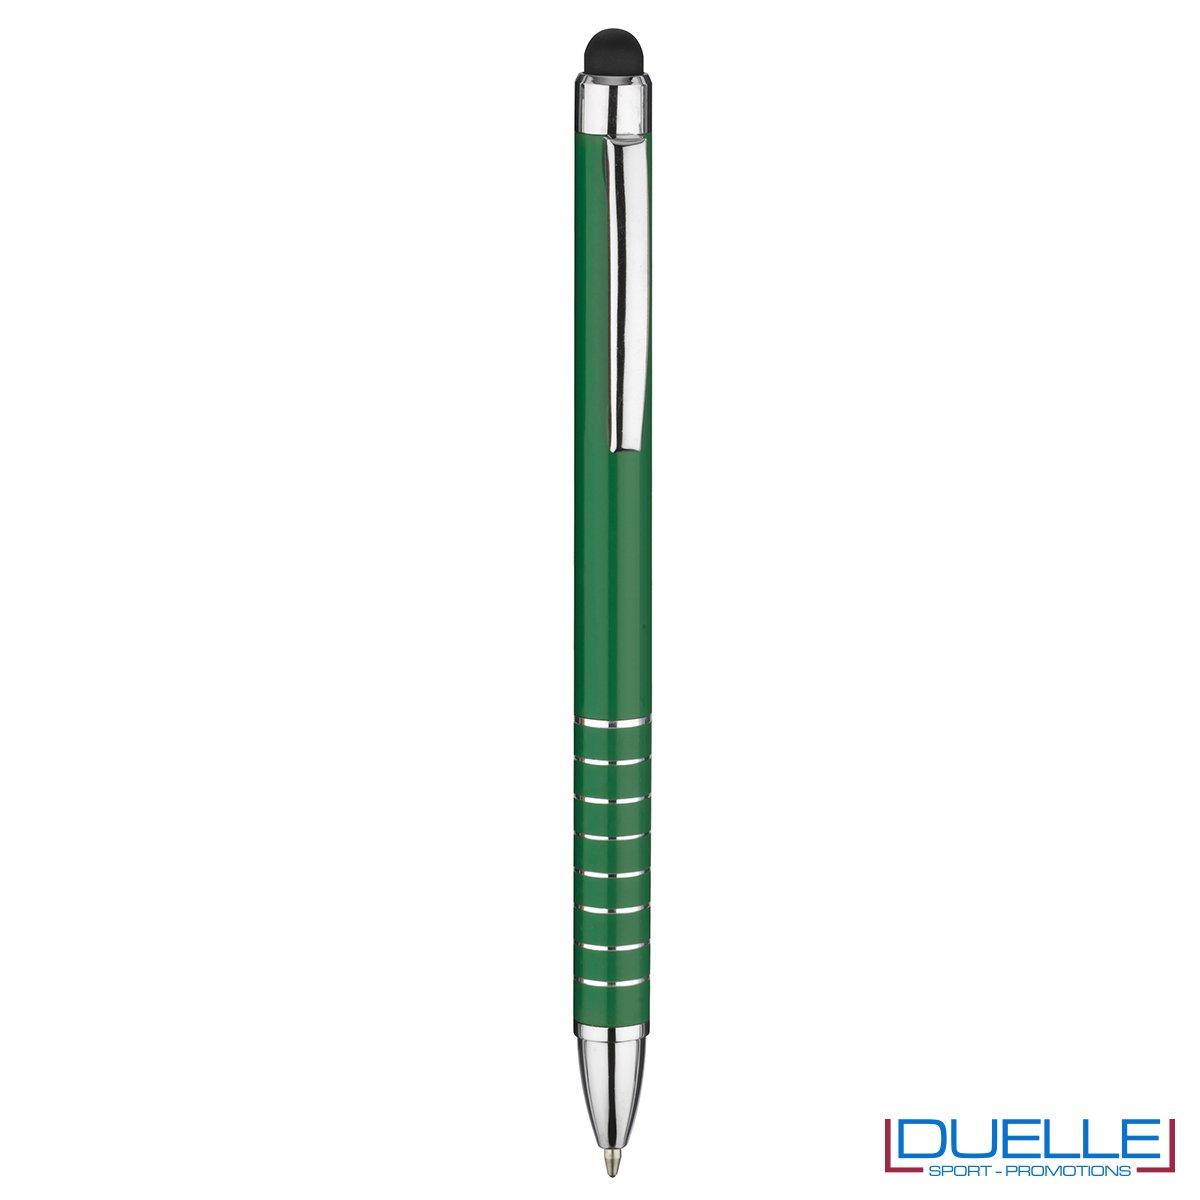 penna touch screen personalizzata in alluminio laccato verde, gadget aziendali personalizzati